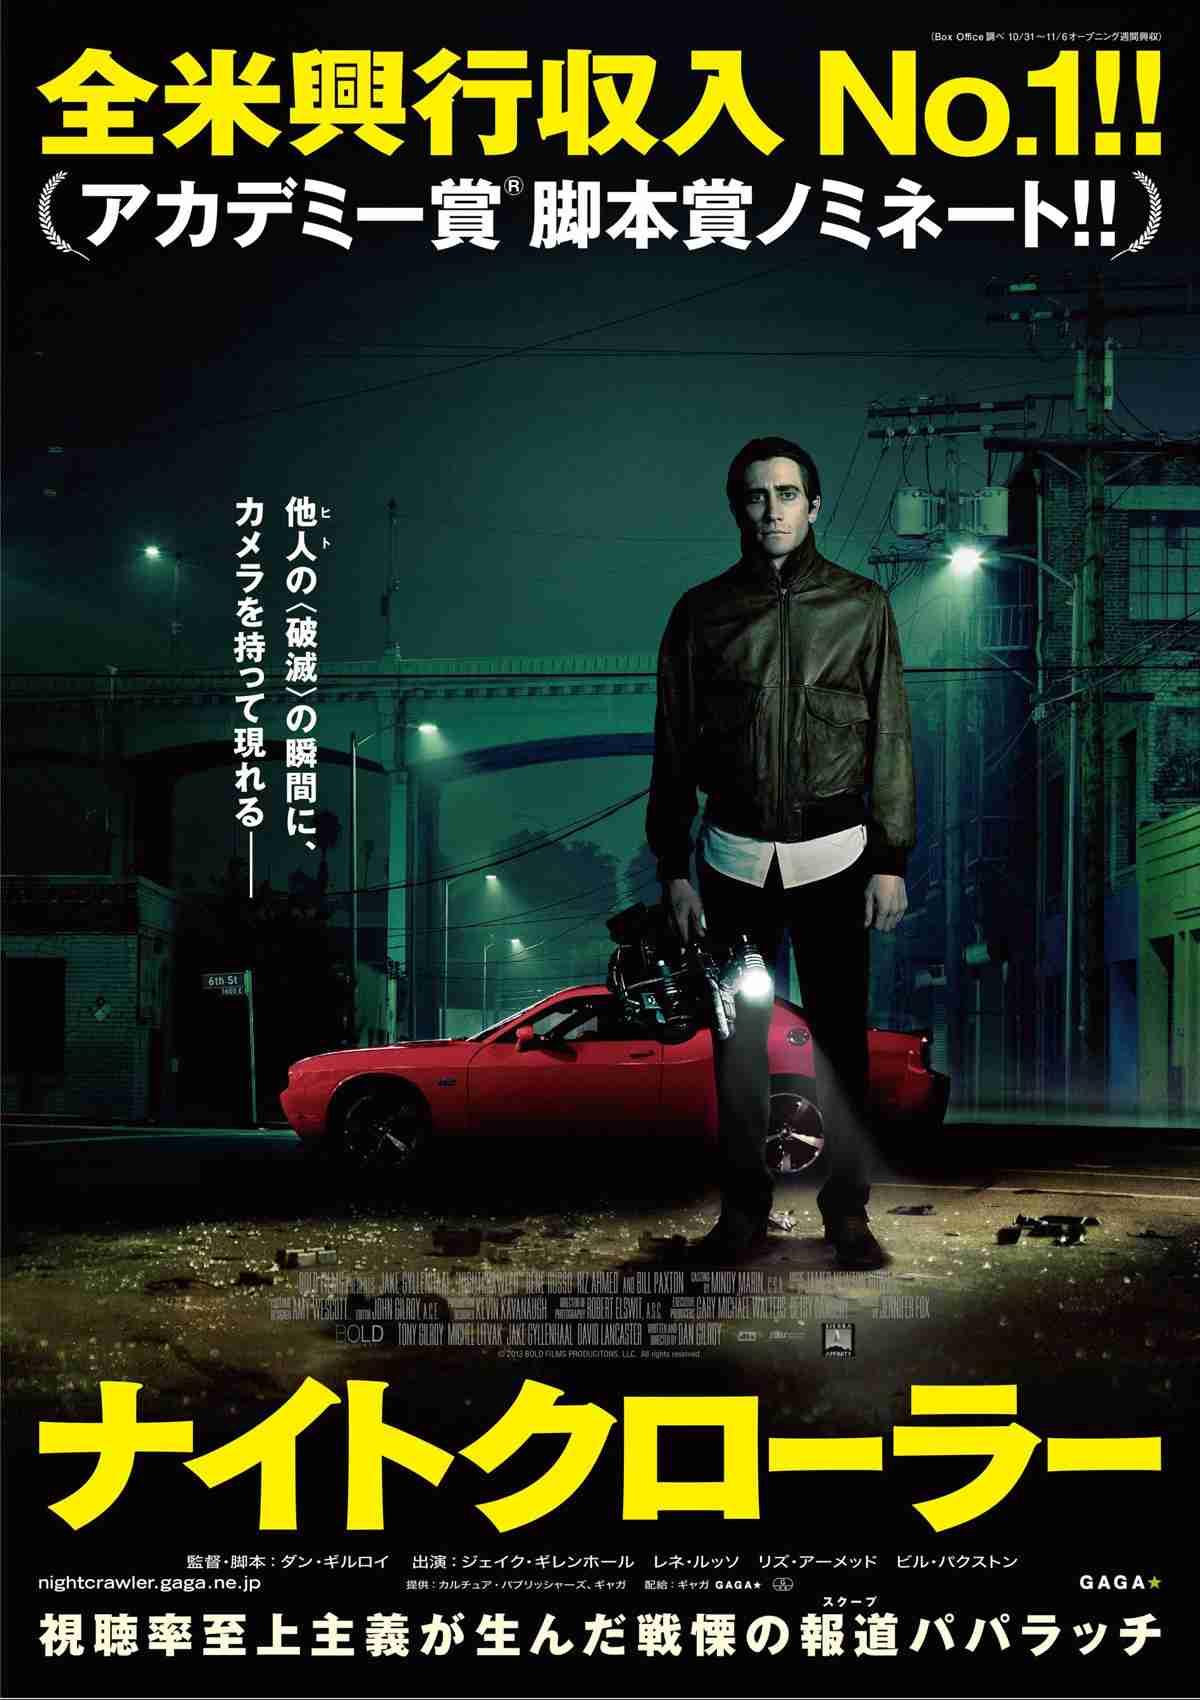 ナイトクローラー - 作品 - Yahoo!映画